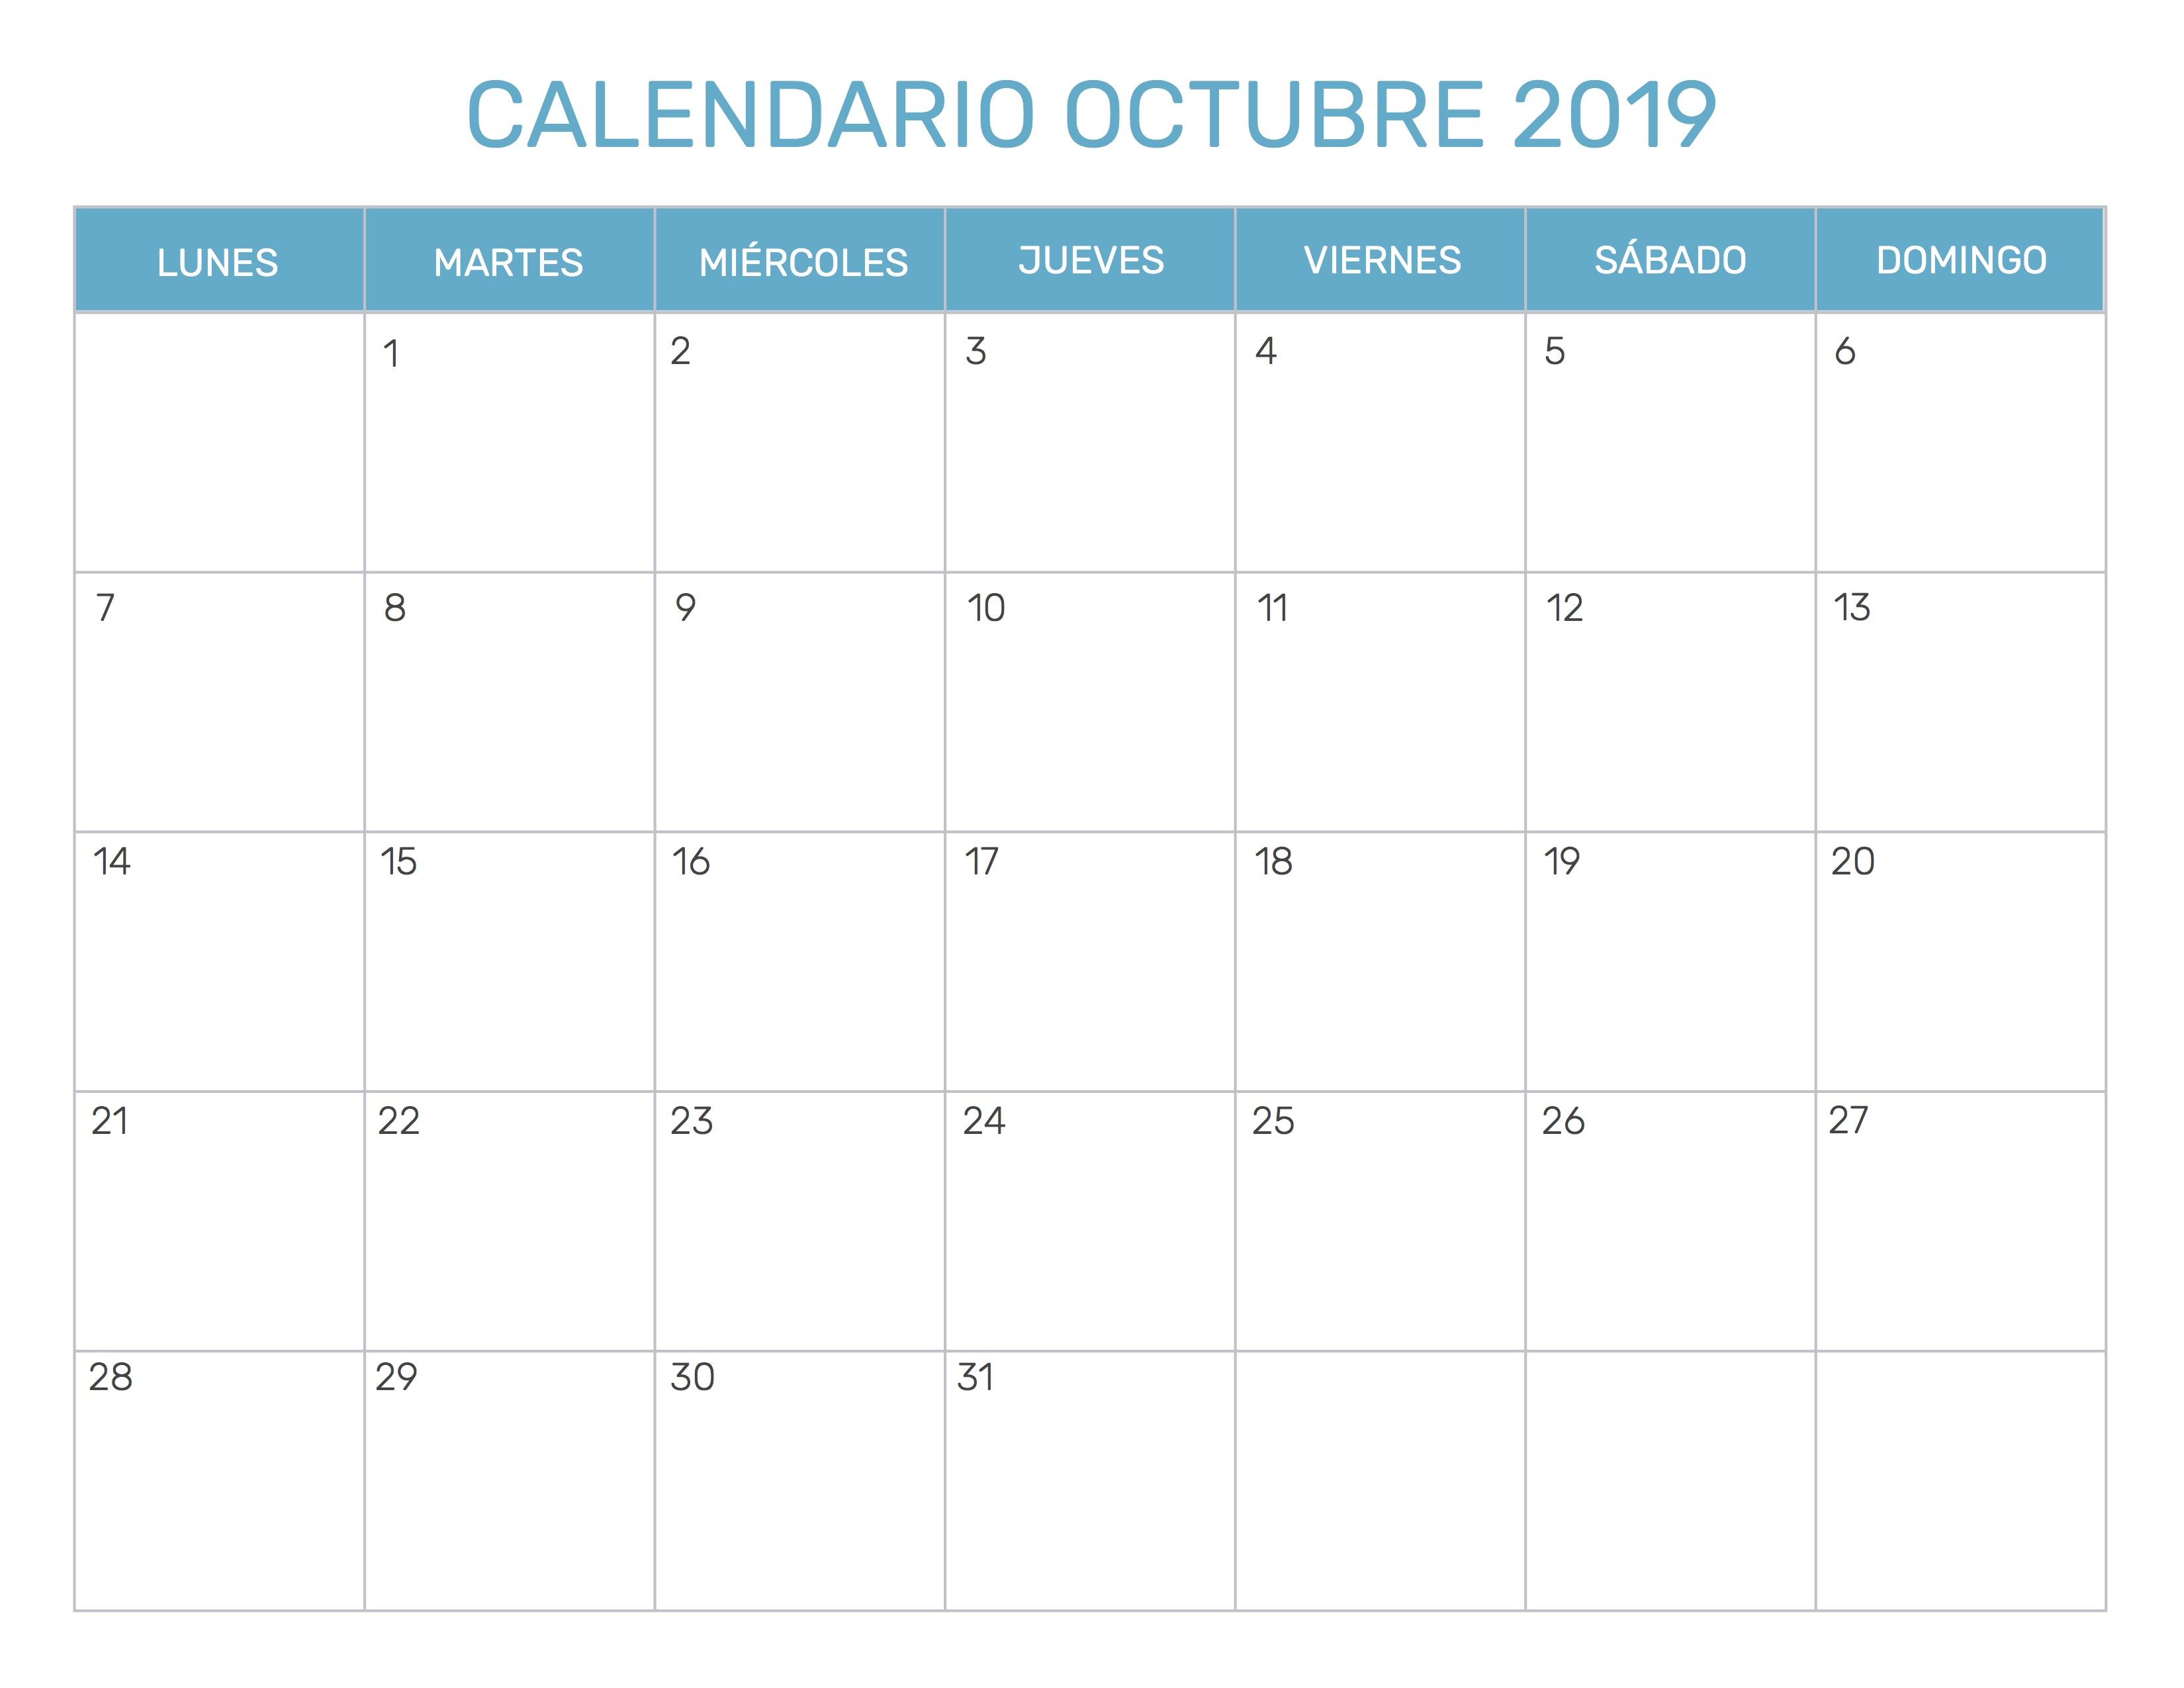 Calendario Octubre 2019 Excel